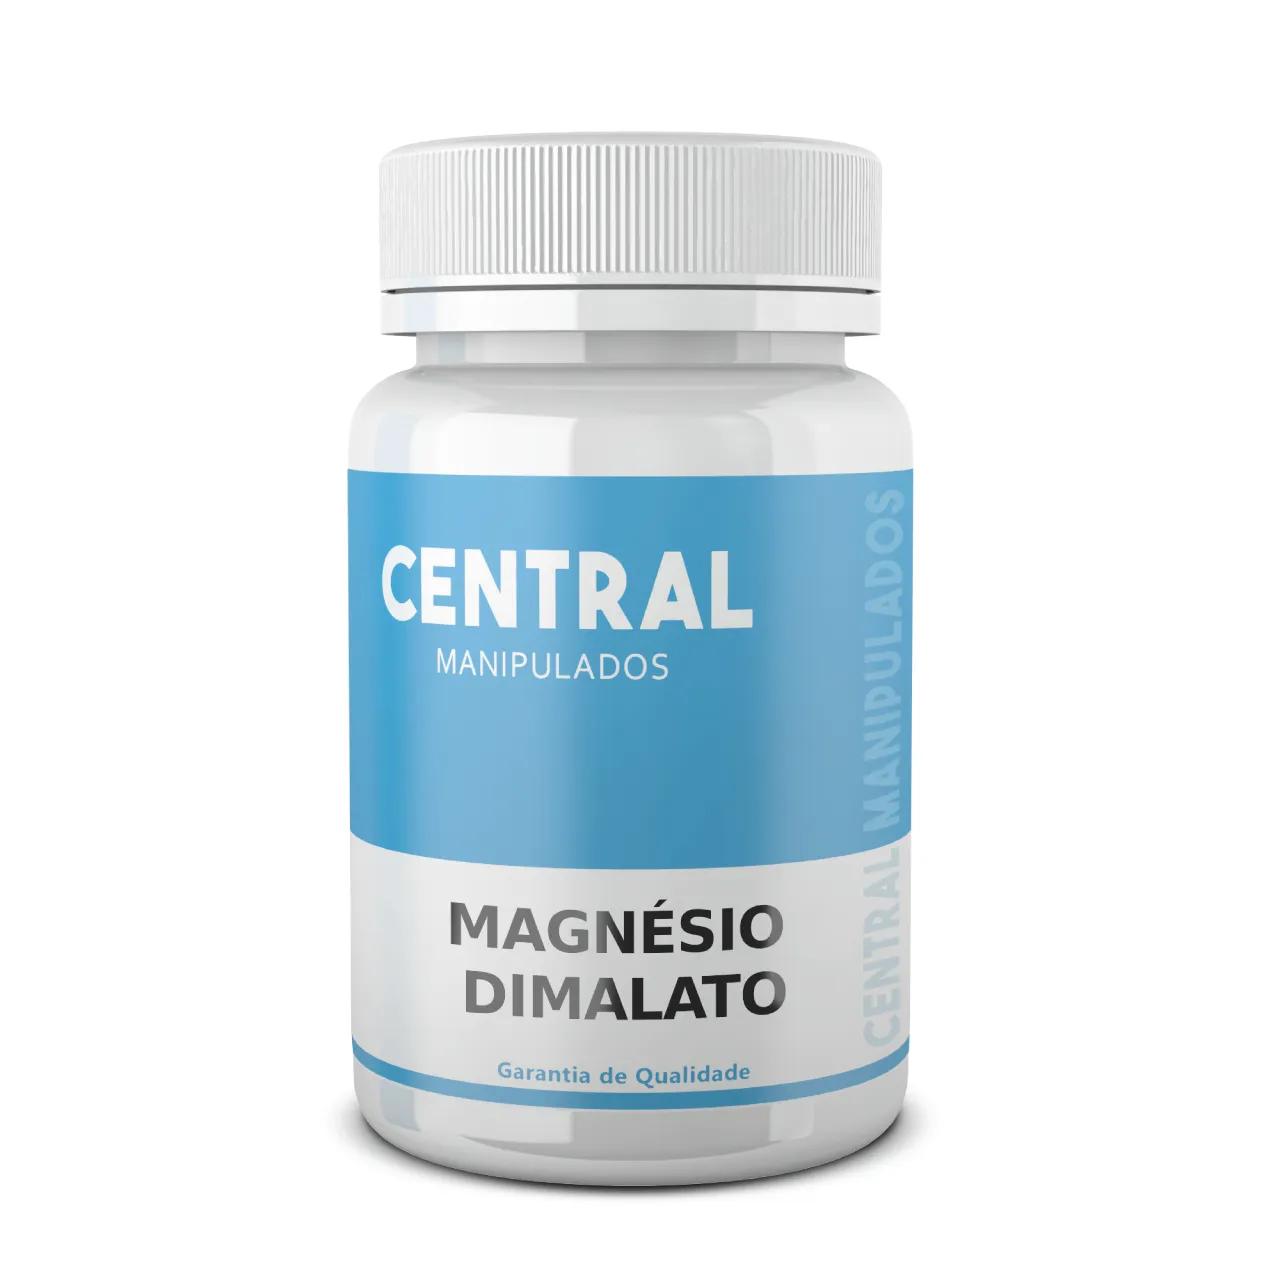 Magnésio dimalato 300mg - 60 cápsulas - Melhora fraqueza muscular, dores e espasmos, rápida recuperação muscular, Coadjuvante na fibromialgia